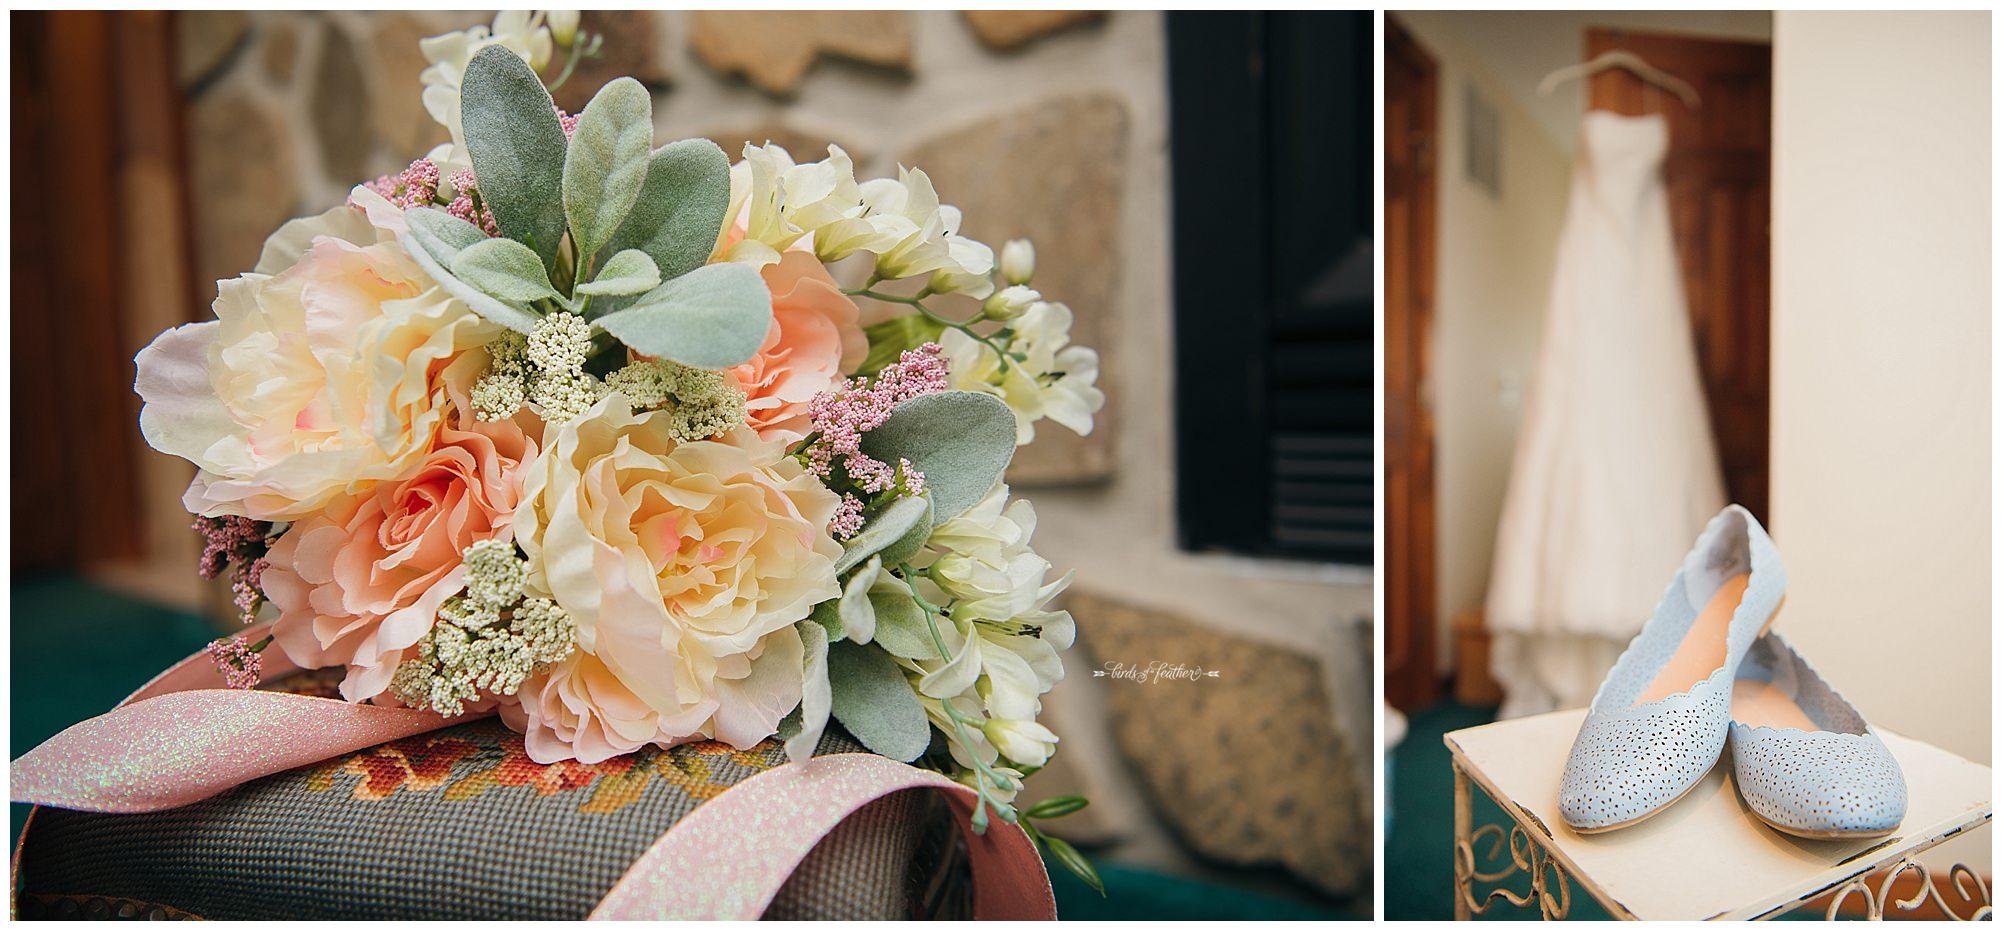 Birds of a Feather Photography Bally Spring Inn Wedding Photographer 01